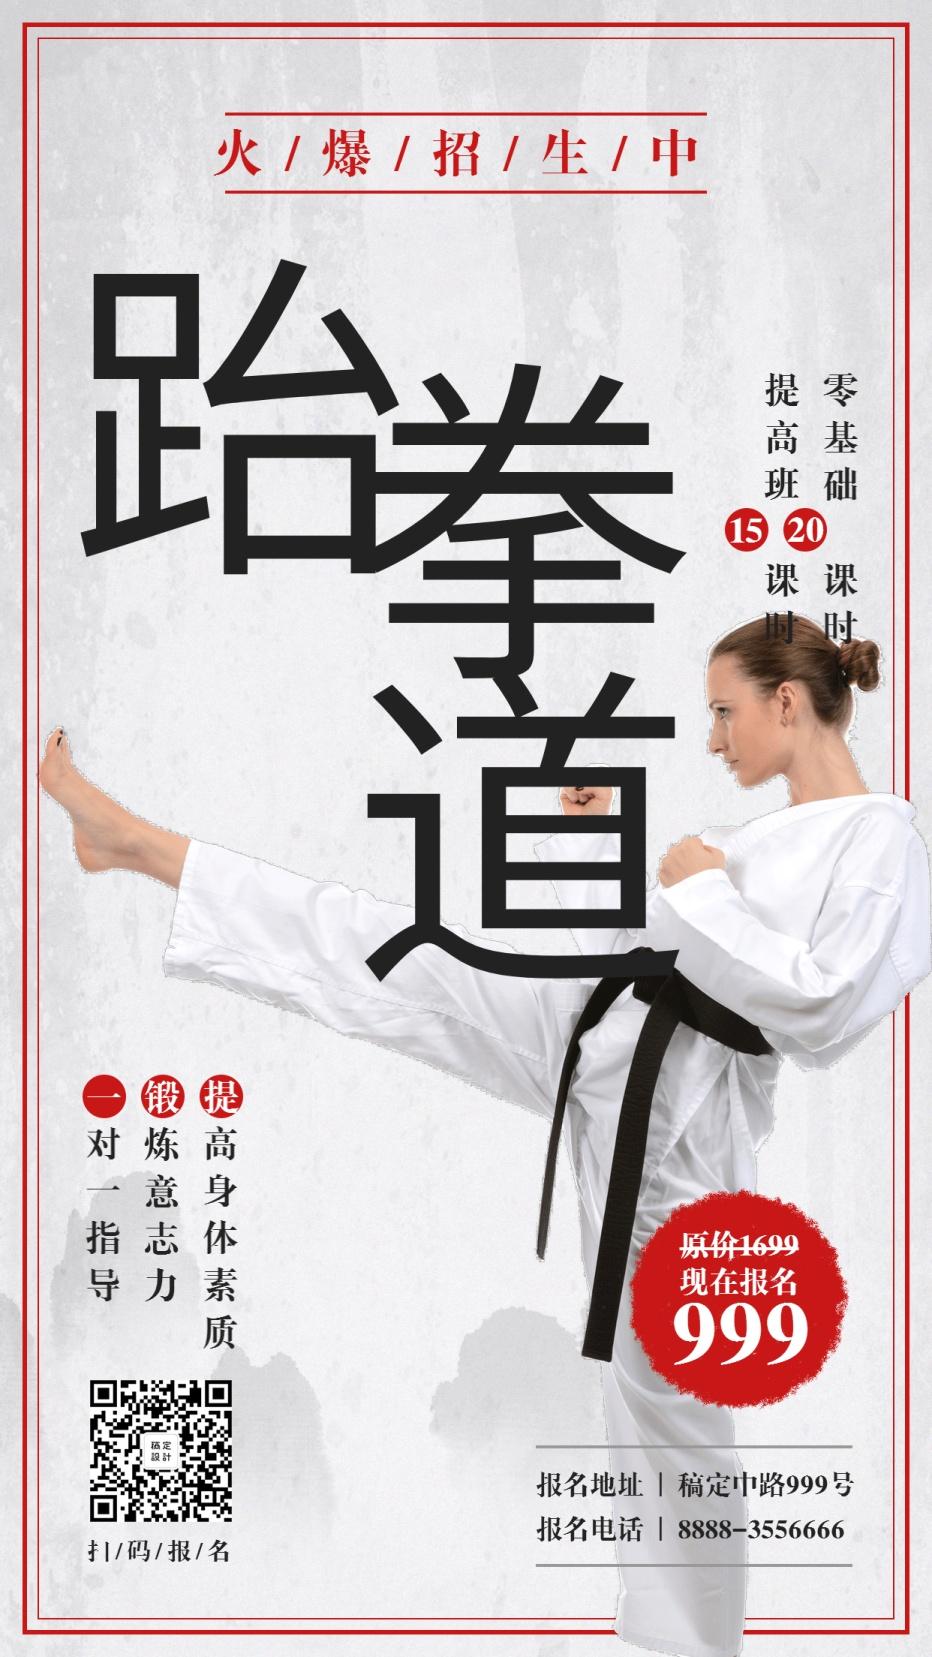 跆拳道招生实景手机海报